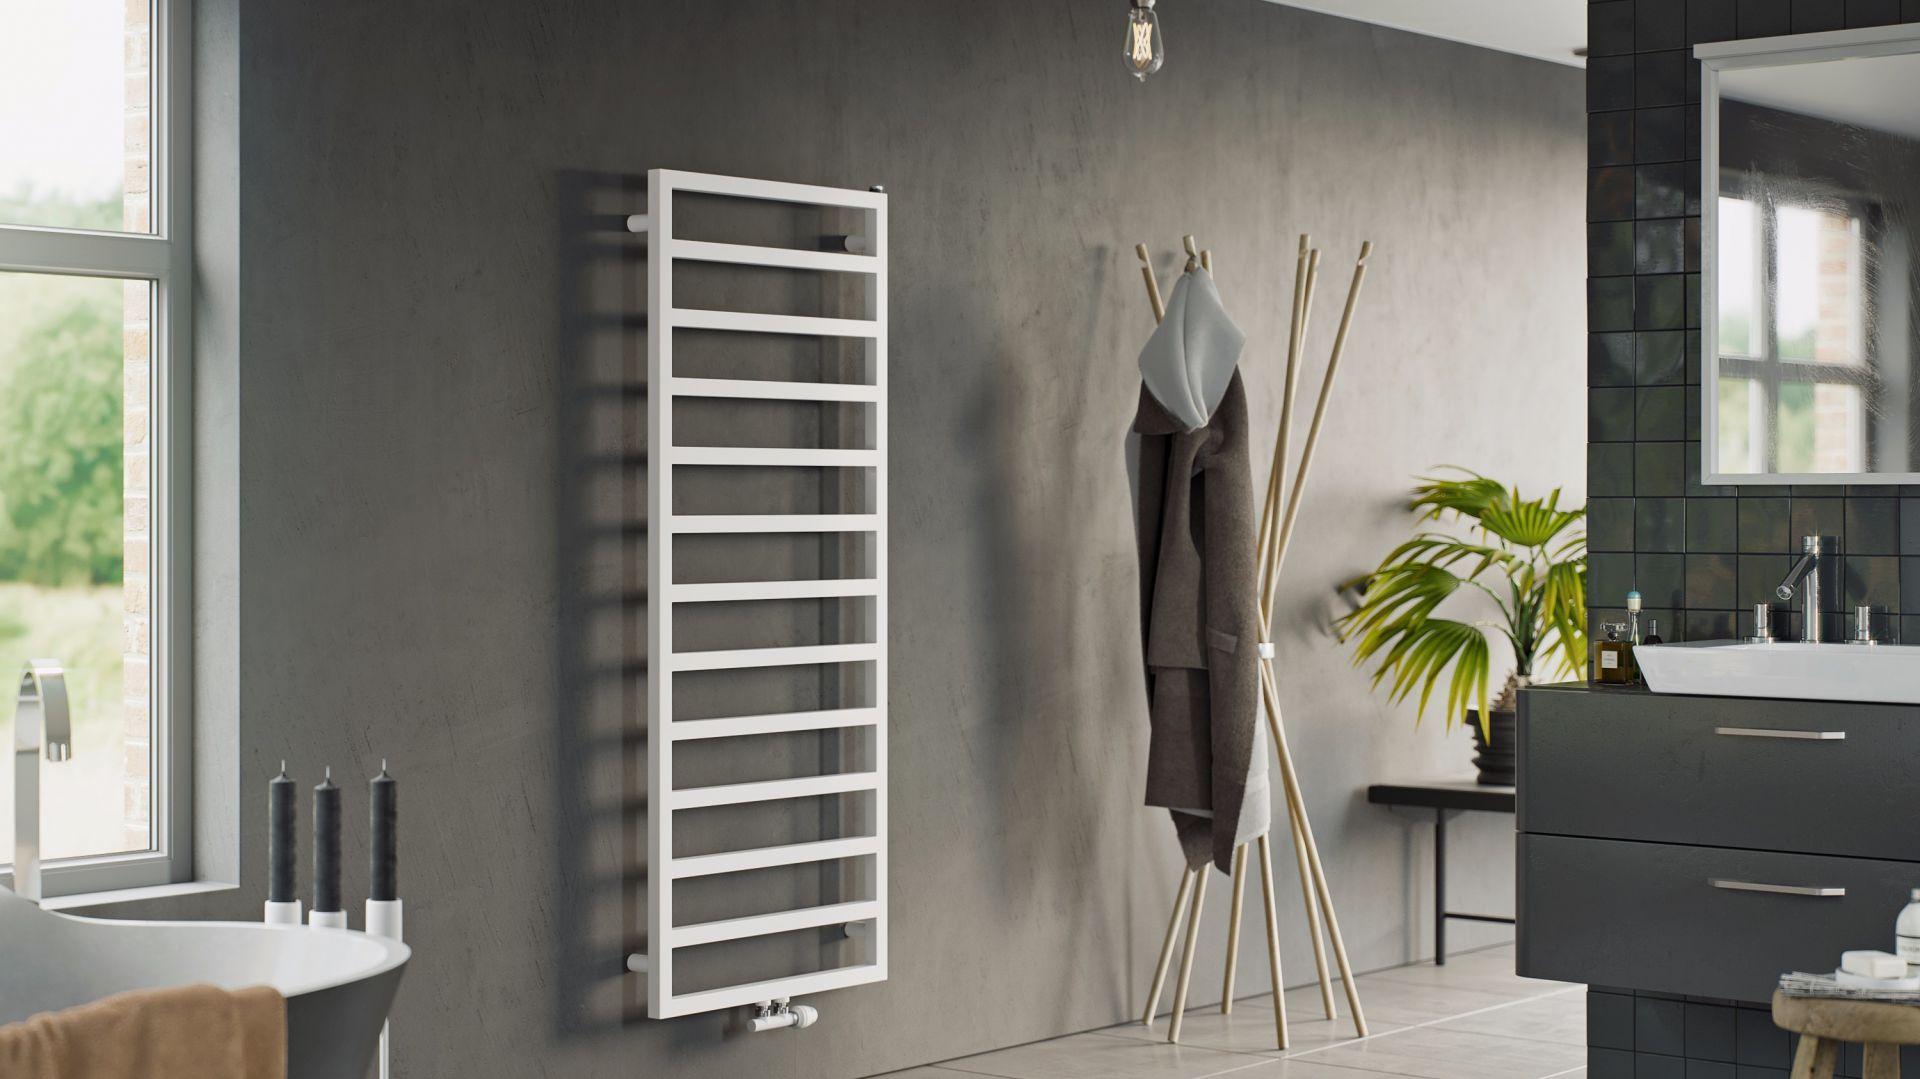 Praktyczny grzejnik drabinkowy Atria pozwala wygodnie wysuszyć ręczniki i bieliznę; prosta, minimalistyczna forma wpisze się w różne aranżacje łazienek. Fot. Luxrad